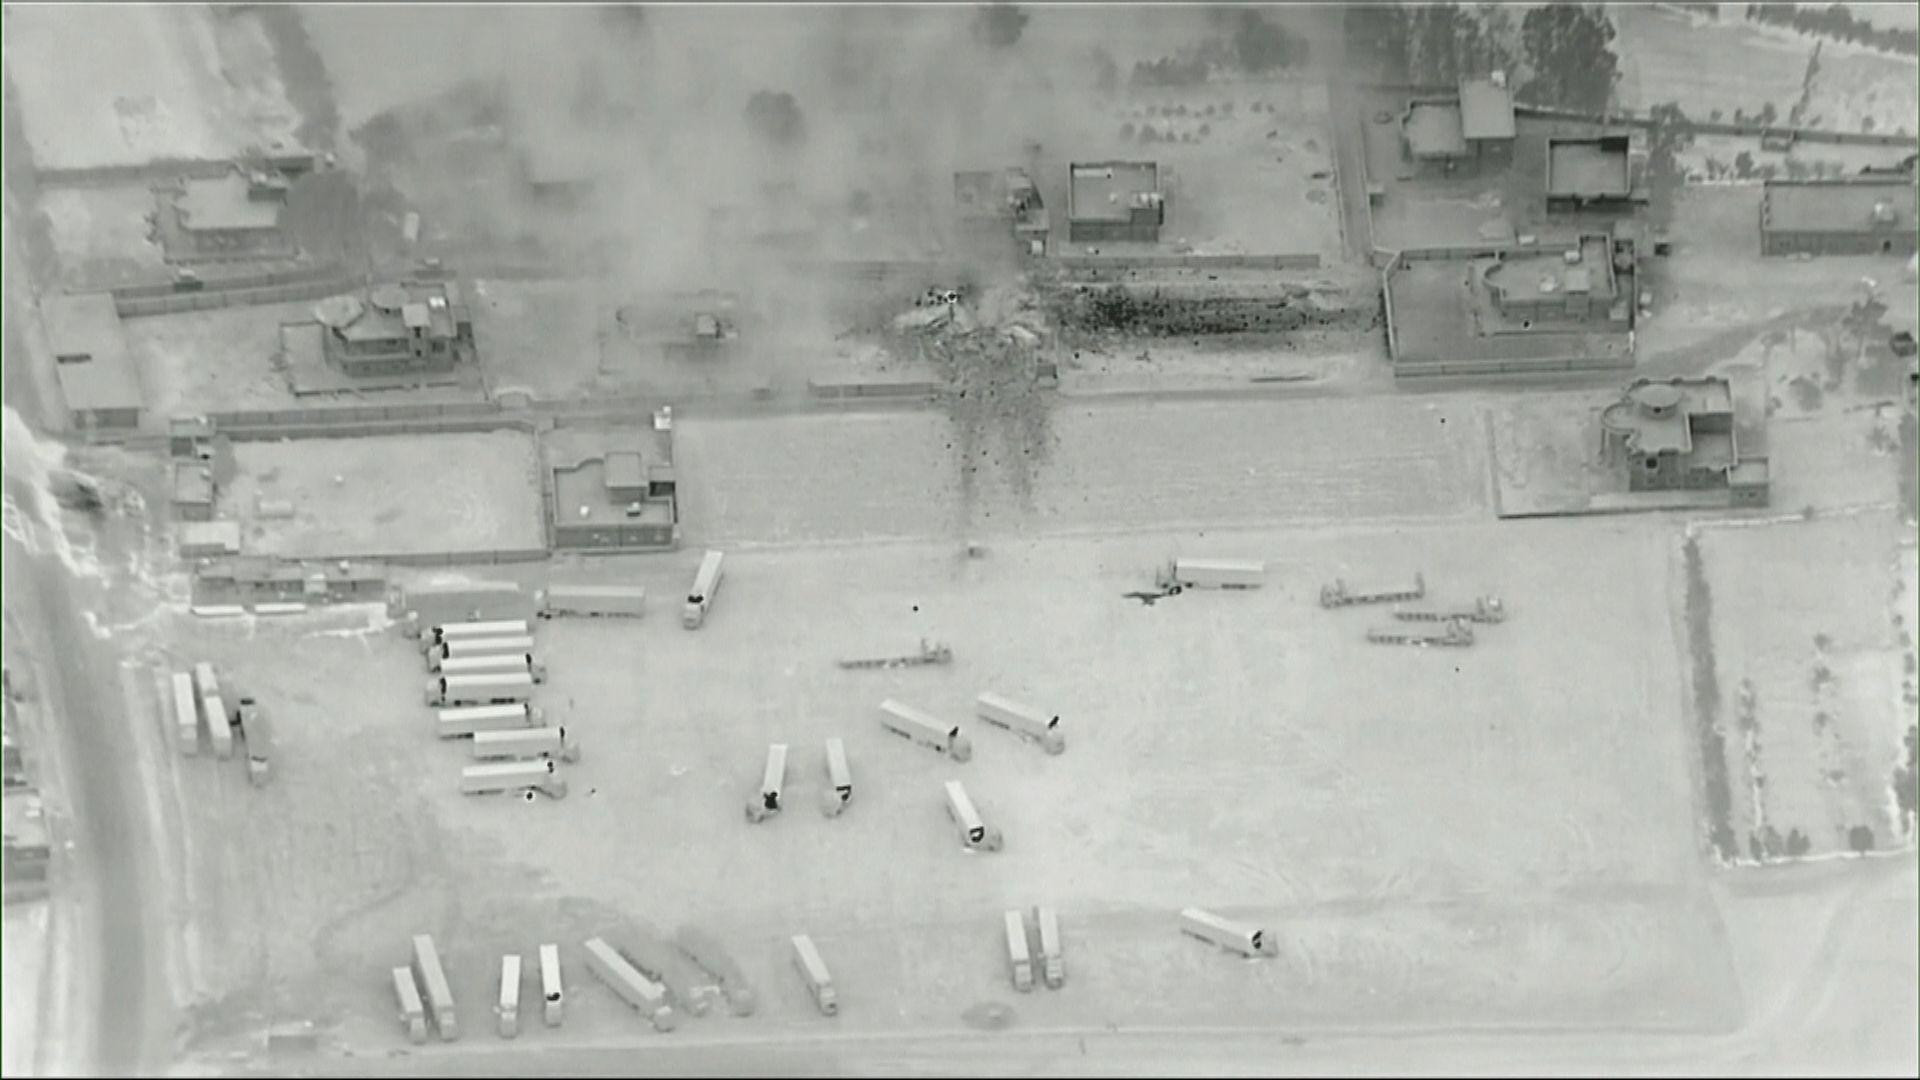 美軍空襲親伊朗民兵組織後遭火箭炮彈襲擊